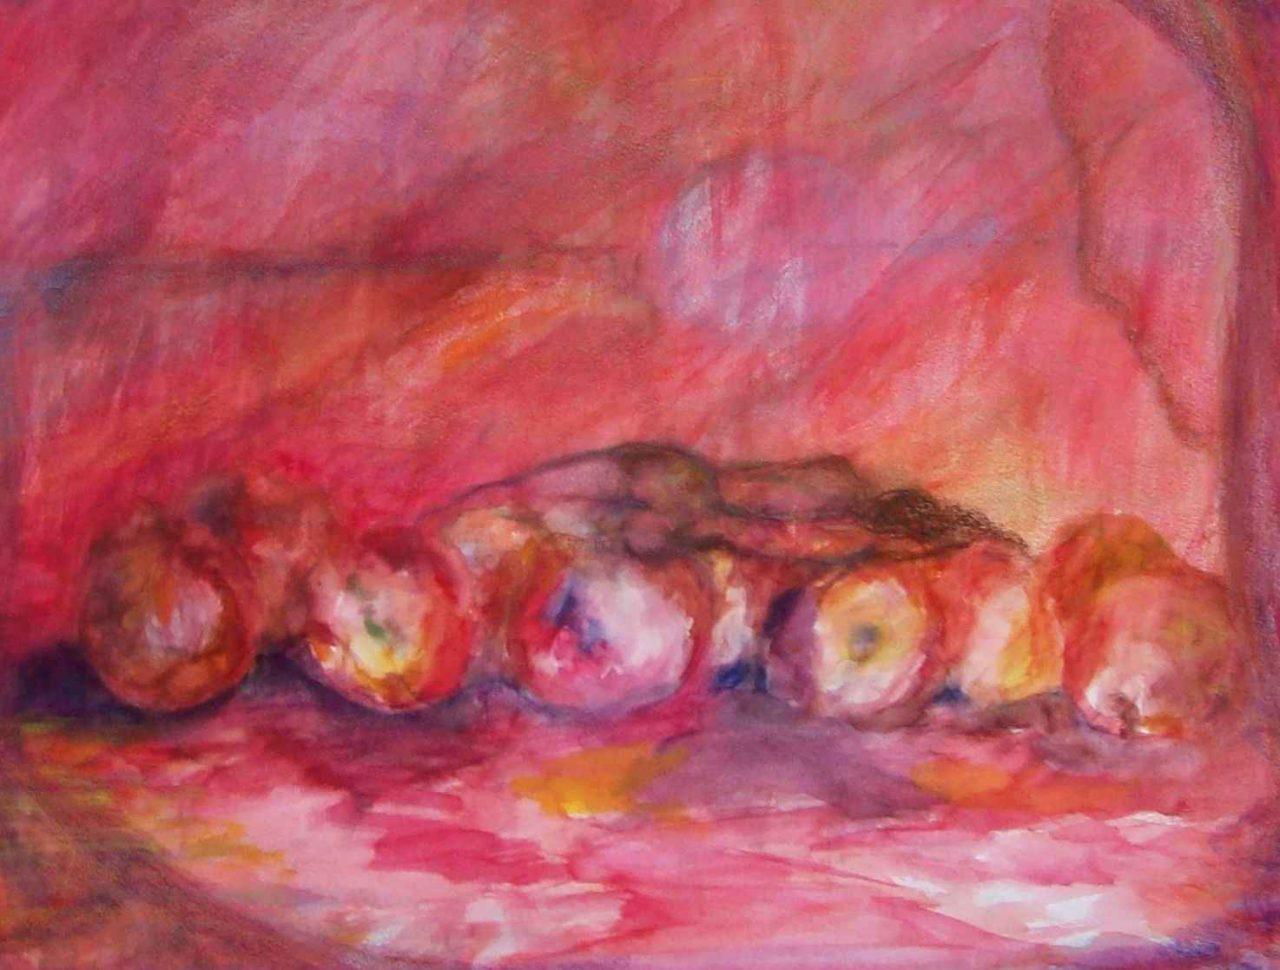 Rêveuse à la tentation d'Eve / Dreamer of Eve's temptation par Vinca Migot